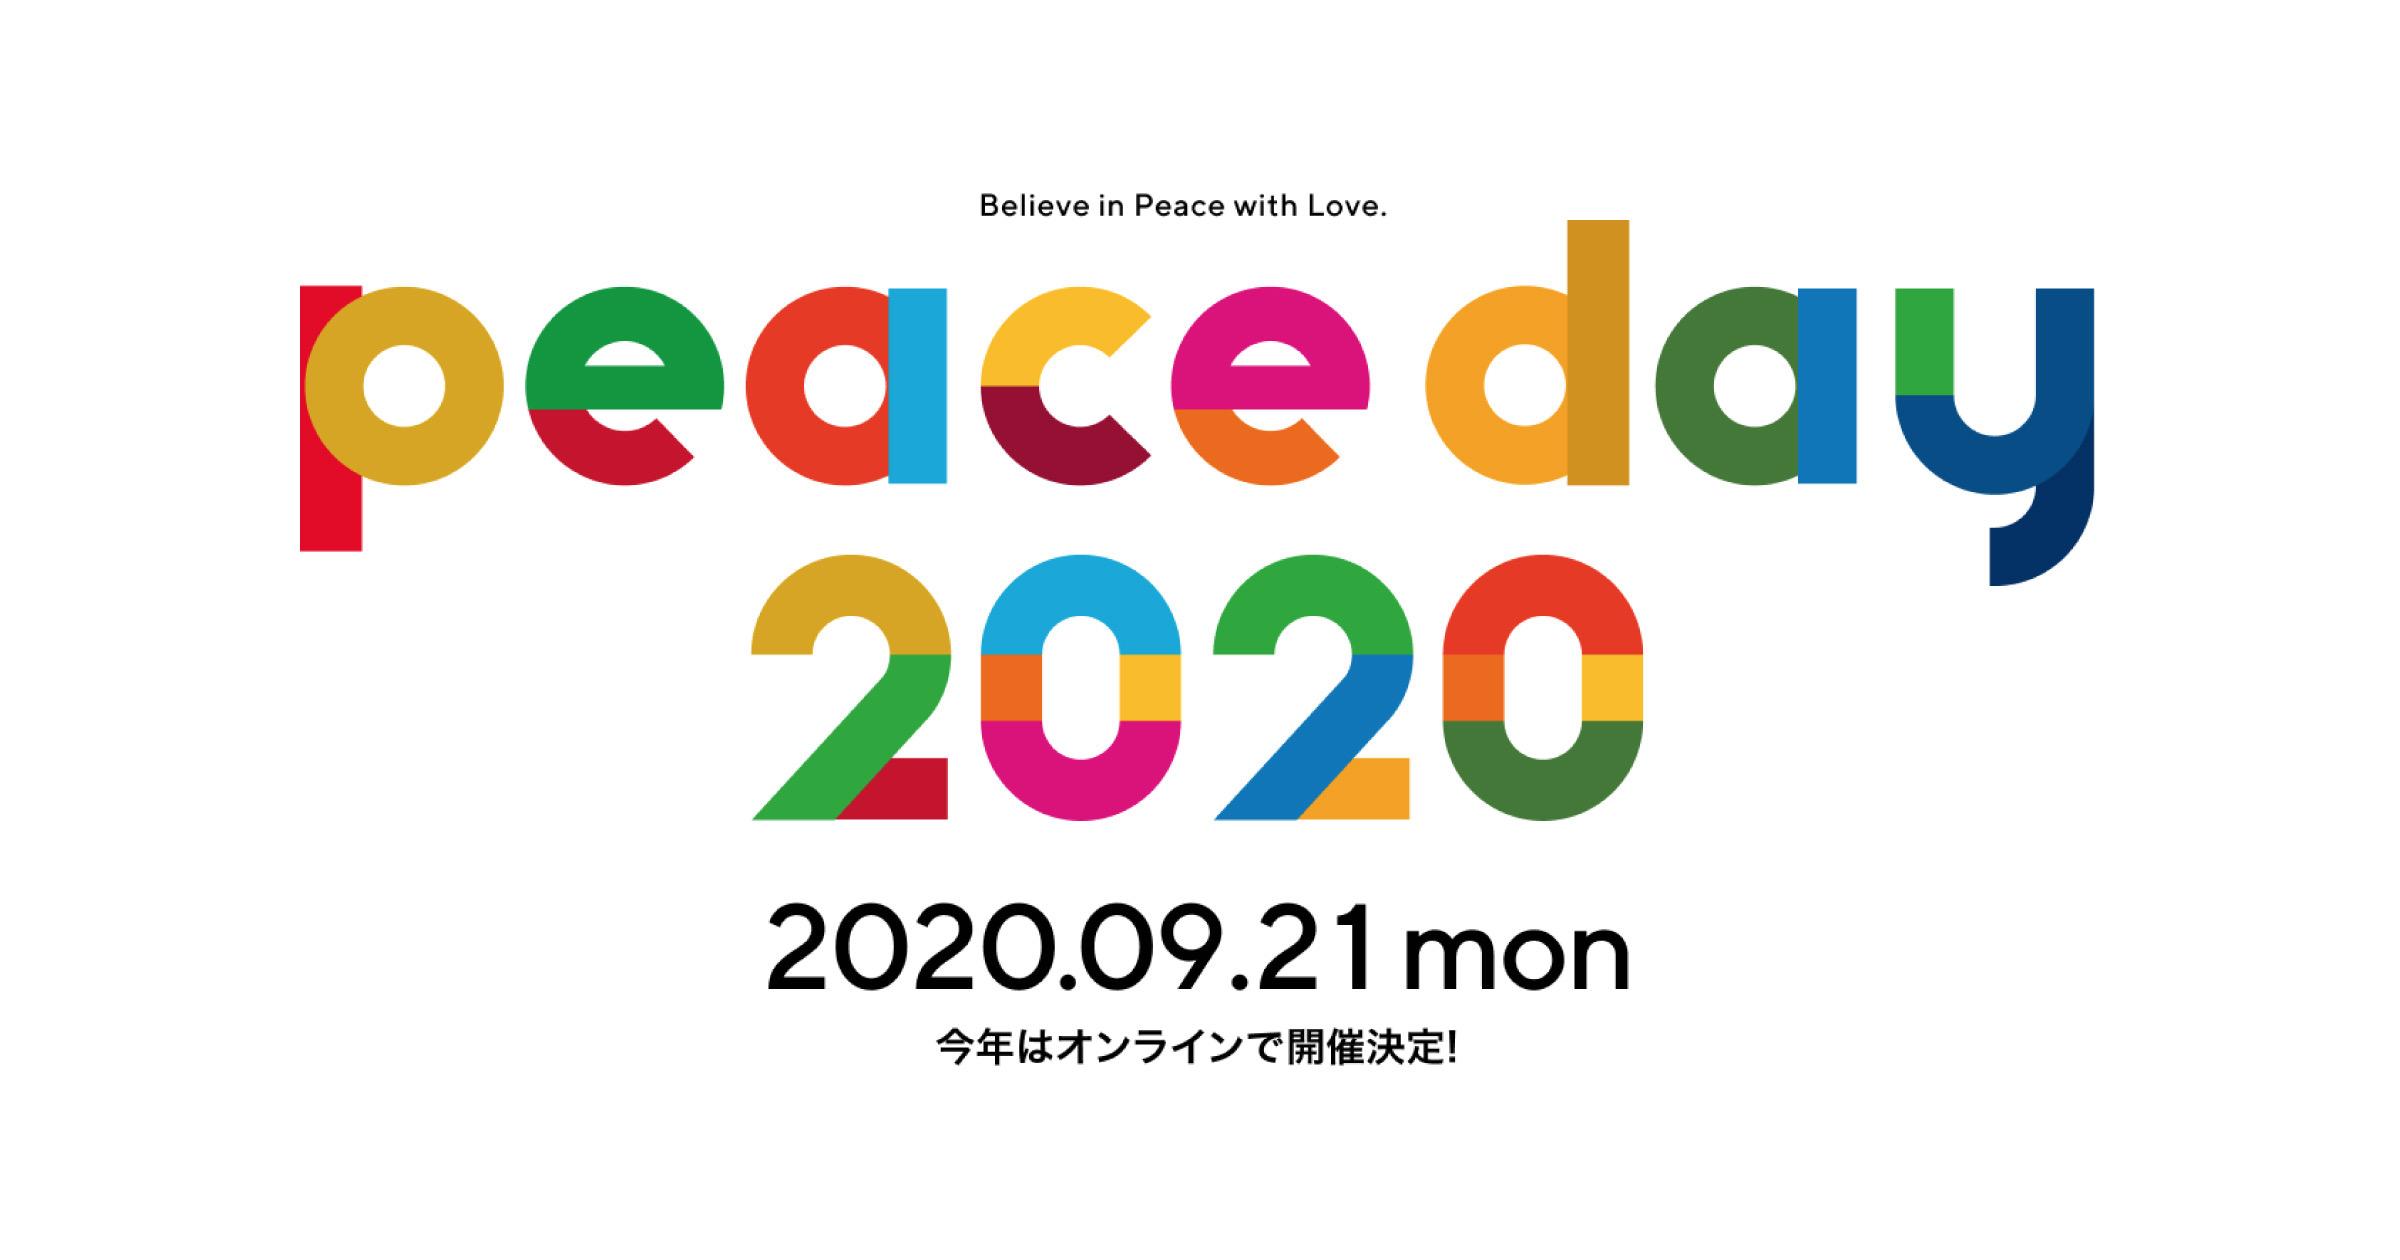 9月21日(月)12:00  <br>ひかりTV、dTVチャンネル「PEACE DAY2020」生配信!